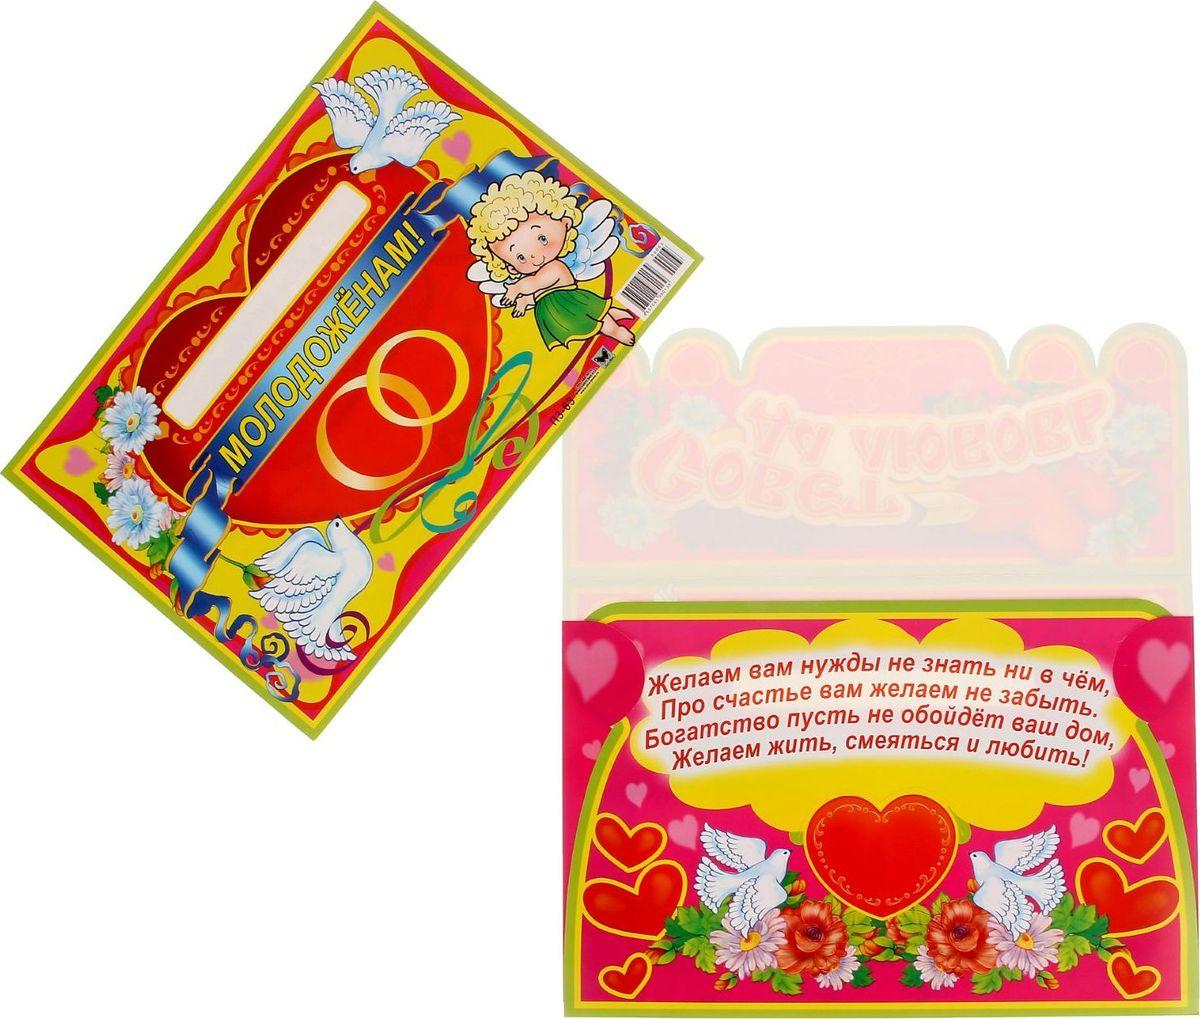 Конверт для денег Оля и Женя Свадебная копилка-кошелек, 39 х 27 см1295109Конверт для денег Свадебная копилка-кошелек выполнен из плотной бумаги и украшен яркой картинкой, которая вызовет улыбку. Это необычная красивая одежка для денежного подарка, а так же отличная возможность сделать его более праздничным и создать прекрасное настроение! Конверт содержит небольшое стихотворное поздравление.